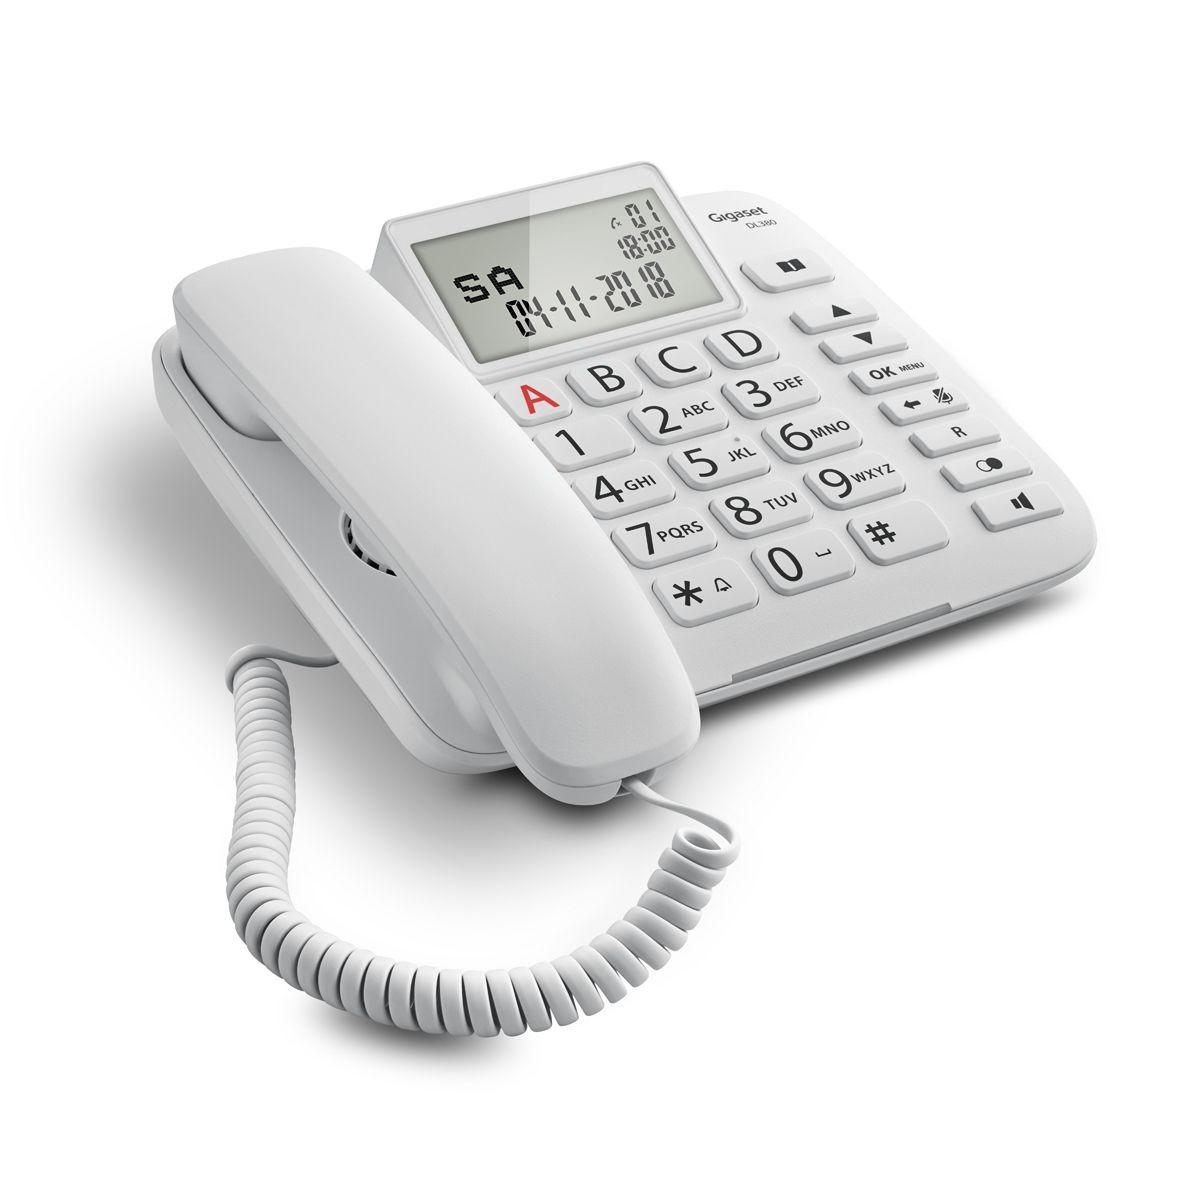 Σταθερό Ψηφιακό Τηλέφωνο Gigaset DL380  Άσπρο με Μεγάλη και Ευανάγνωστη Οθόνη S30350-S217-K102